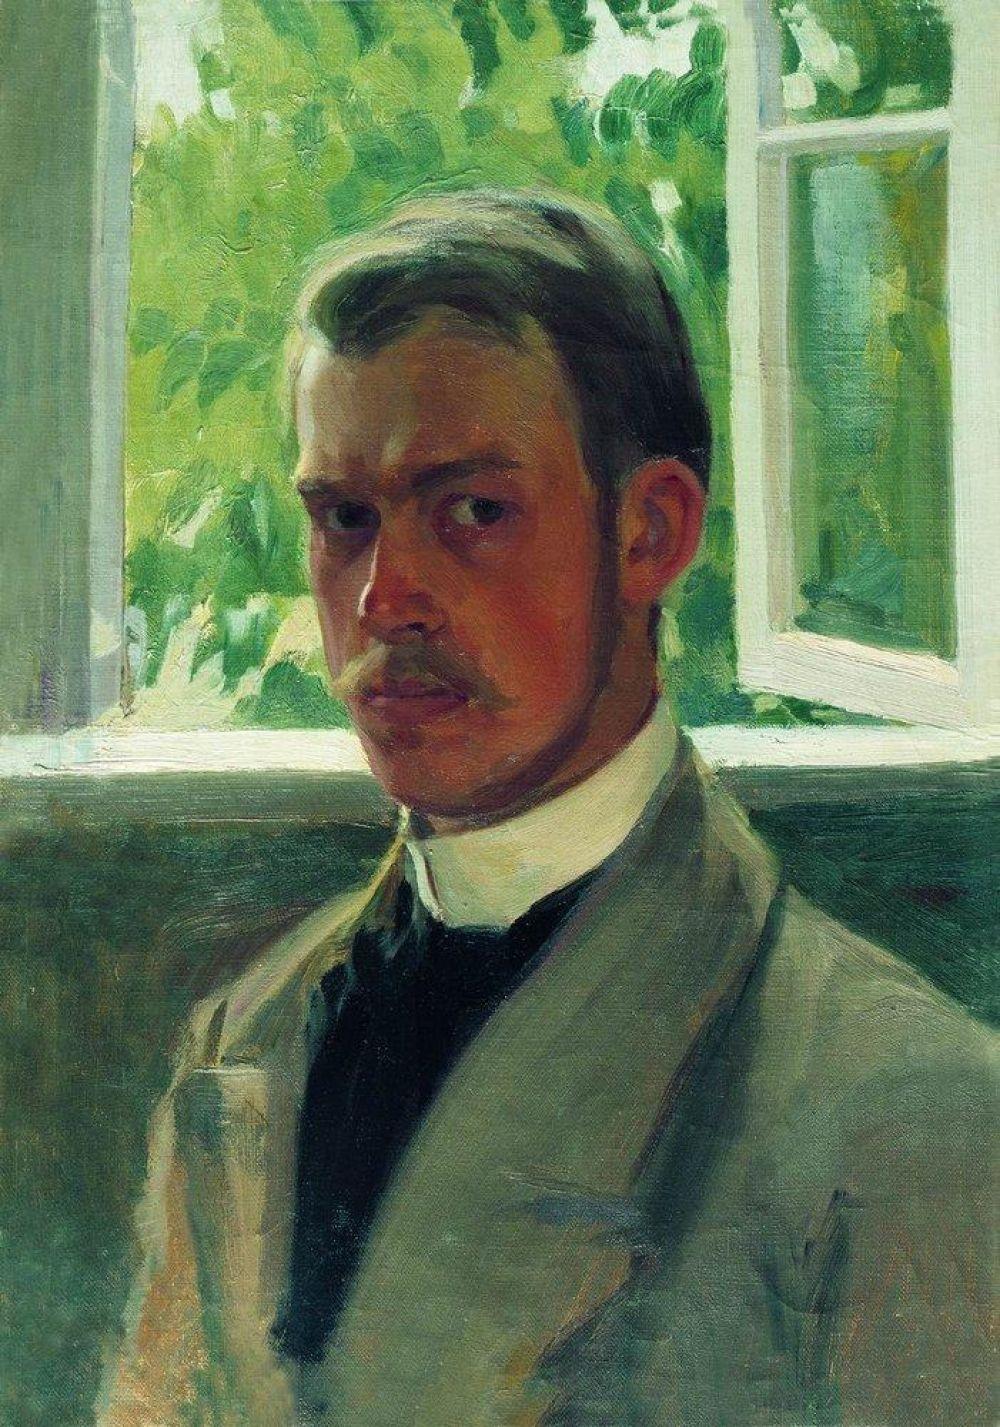 Отец Бориса Кустодиева умер, когда будущему художнику не было и двух лет. Мальчиком он ходил в церковноприходскую школу, но, посетив в девять лет выставку передвижников, страстно увлёкся живописью. Именно это событие и определило будущее Кустодиева – в 18 лет он поступил в Петербургскую Академию художеств.